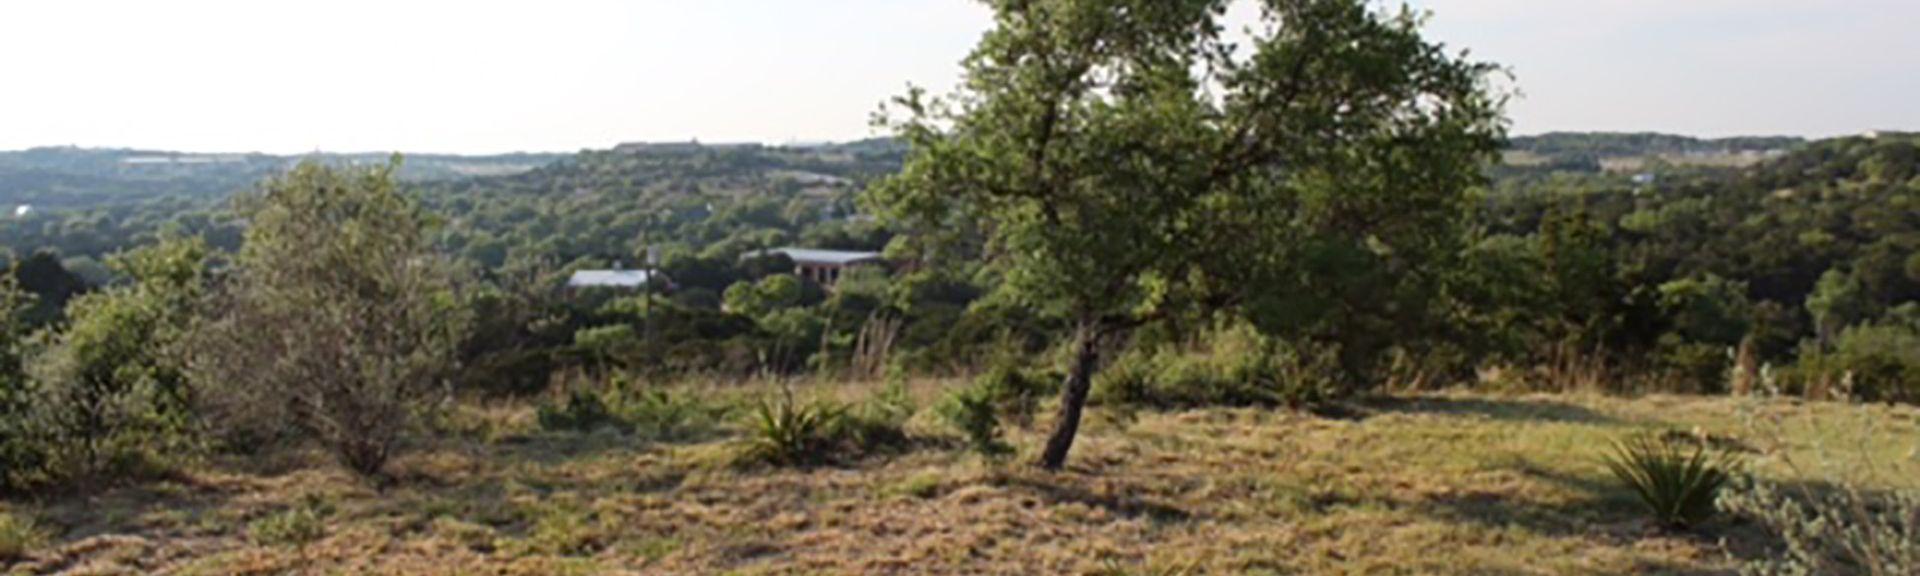 Sudoeste de Austin, Texas, Estados Unidos